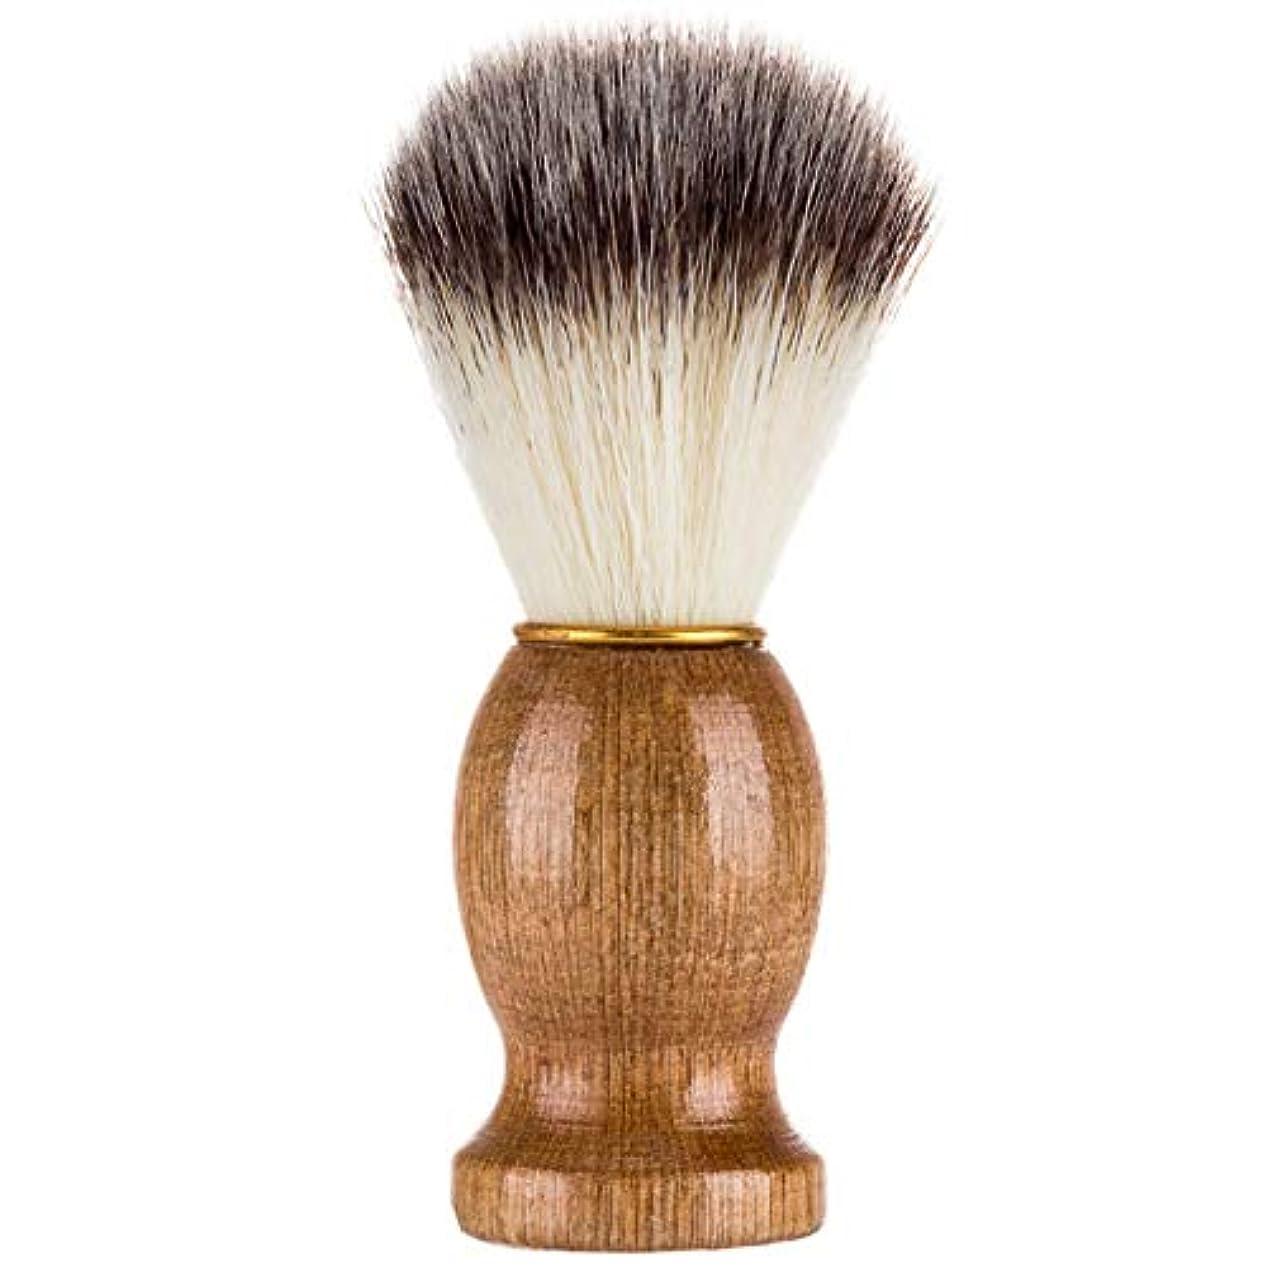 ミケランジェロ赤字真空ソフトヘアメイクブラシメンズシェービングブラシ品質剛毛新しいポータブルハイエンドひげブラシ美容ツール